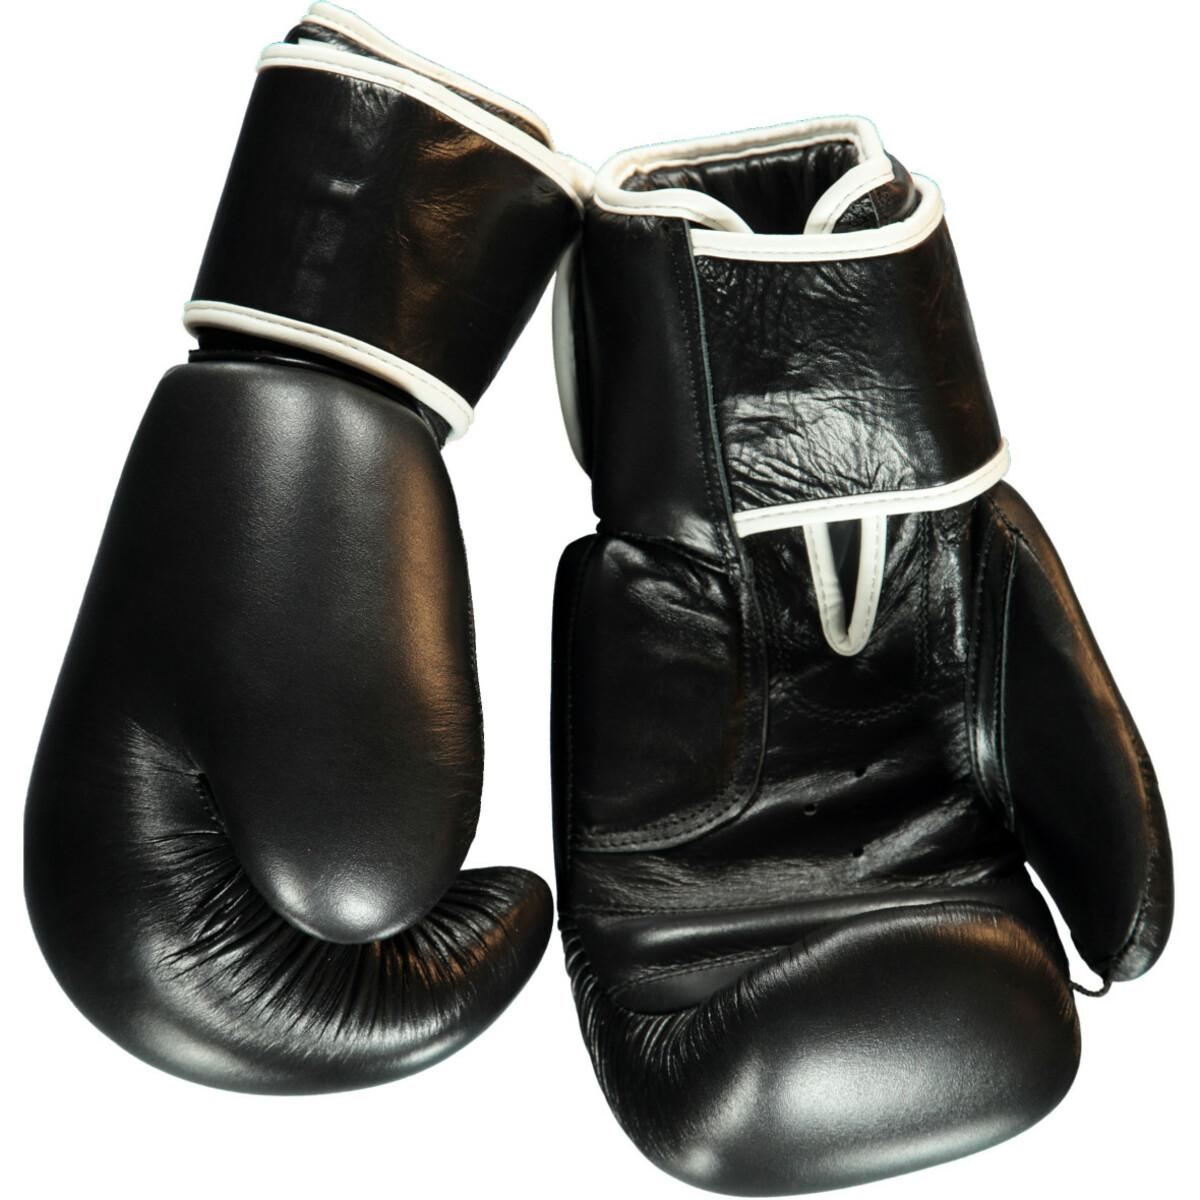 Bild 1 von Box Handschuhe